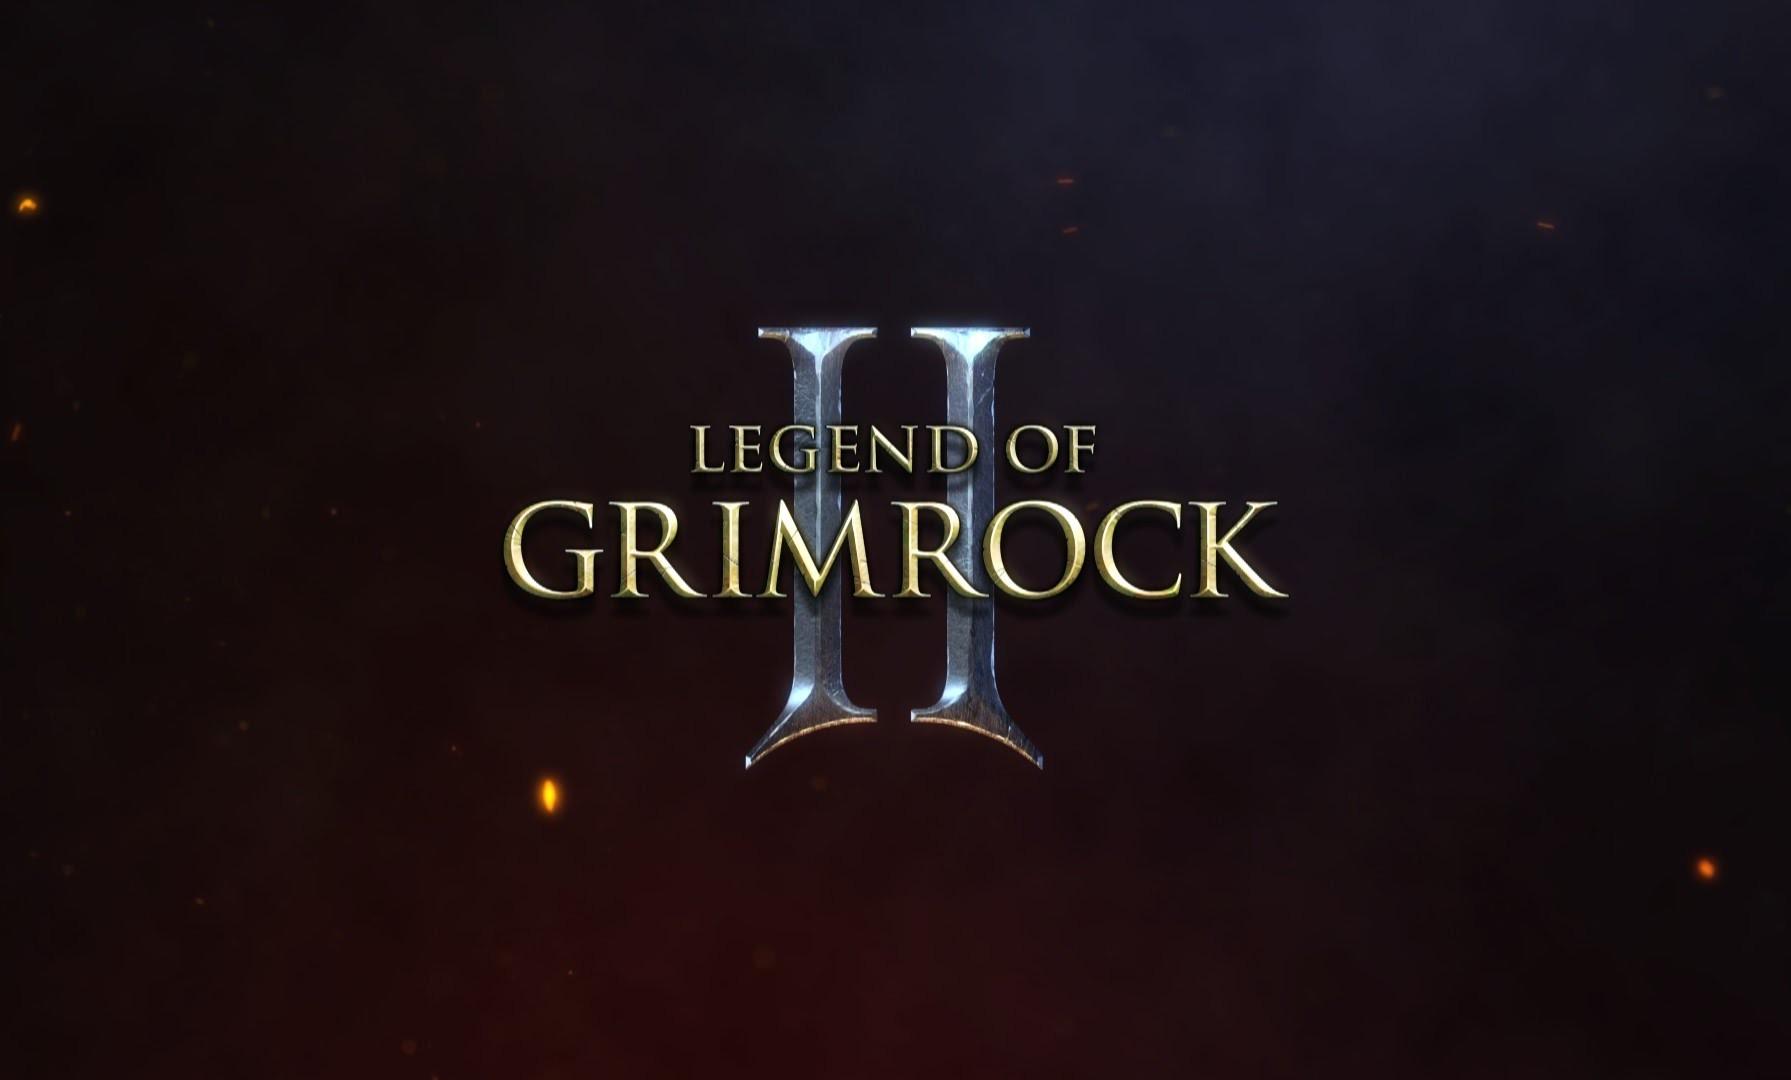 LEGEND OF GRIMROCK 2 EN OCTUBRE